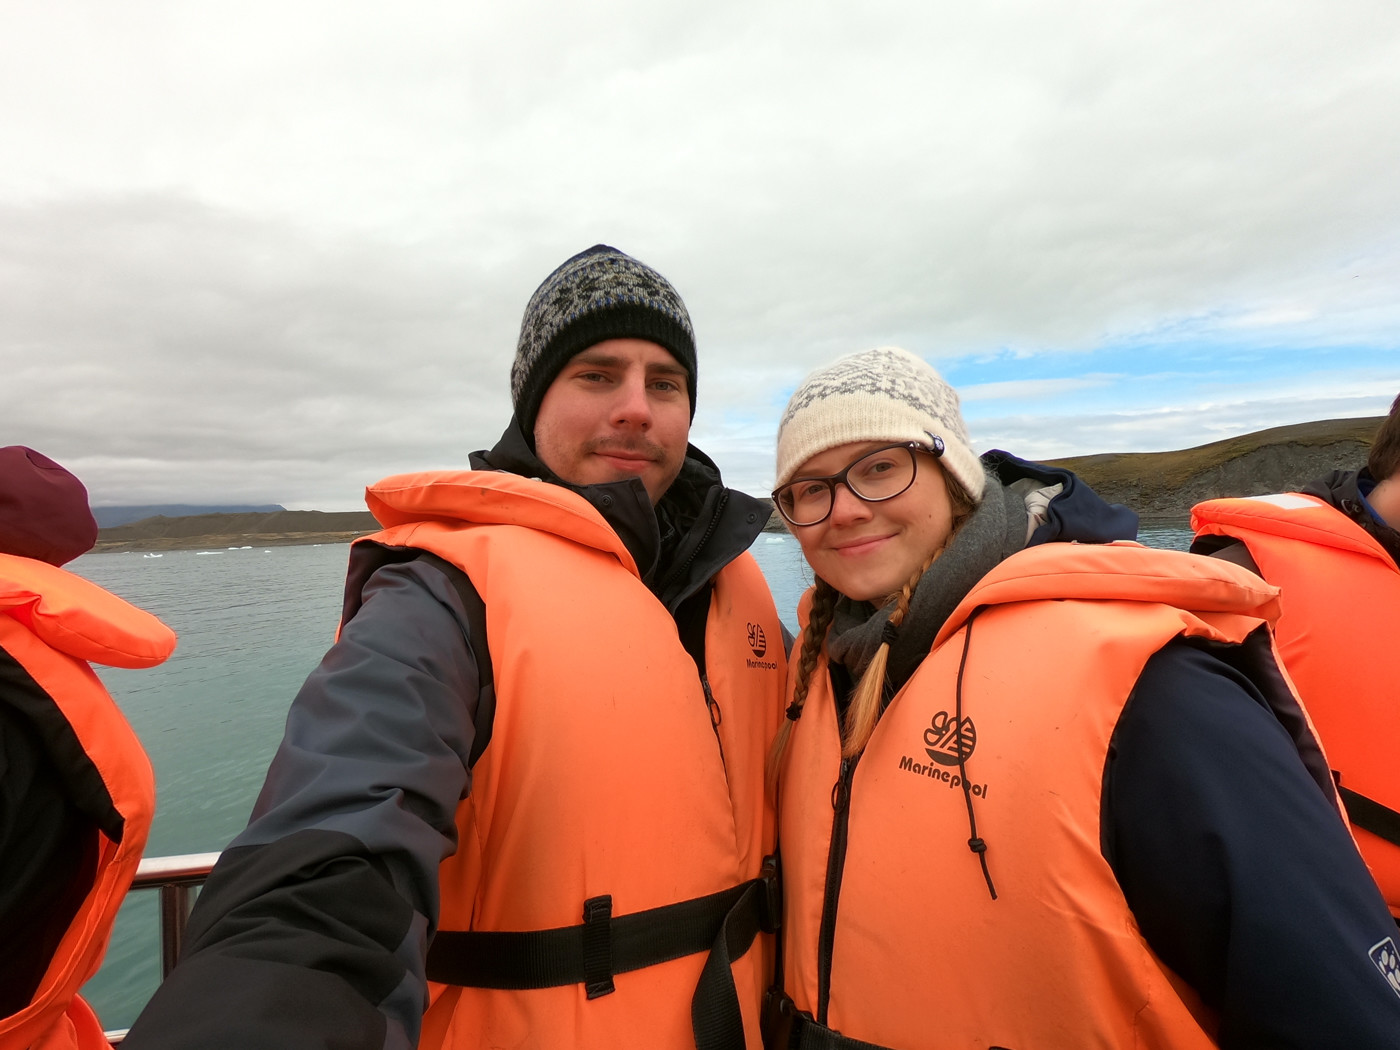 Chrisi und Ronnie bei der Bootsfahrt auf dem Jökulsarlon Eissee, Gletschersee, Island, Iceland, Travelblog, Travelbloggers,